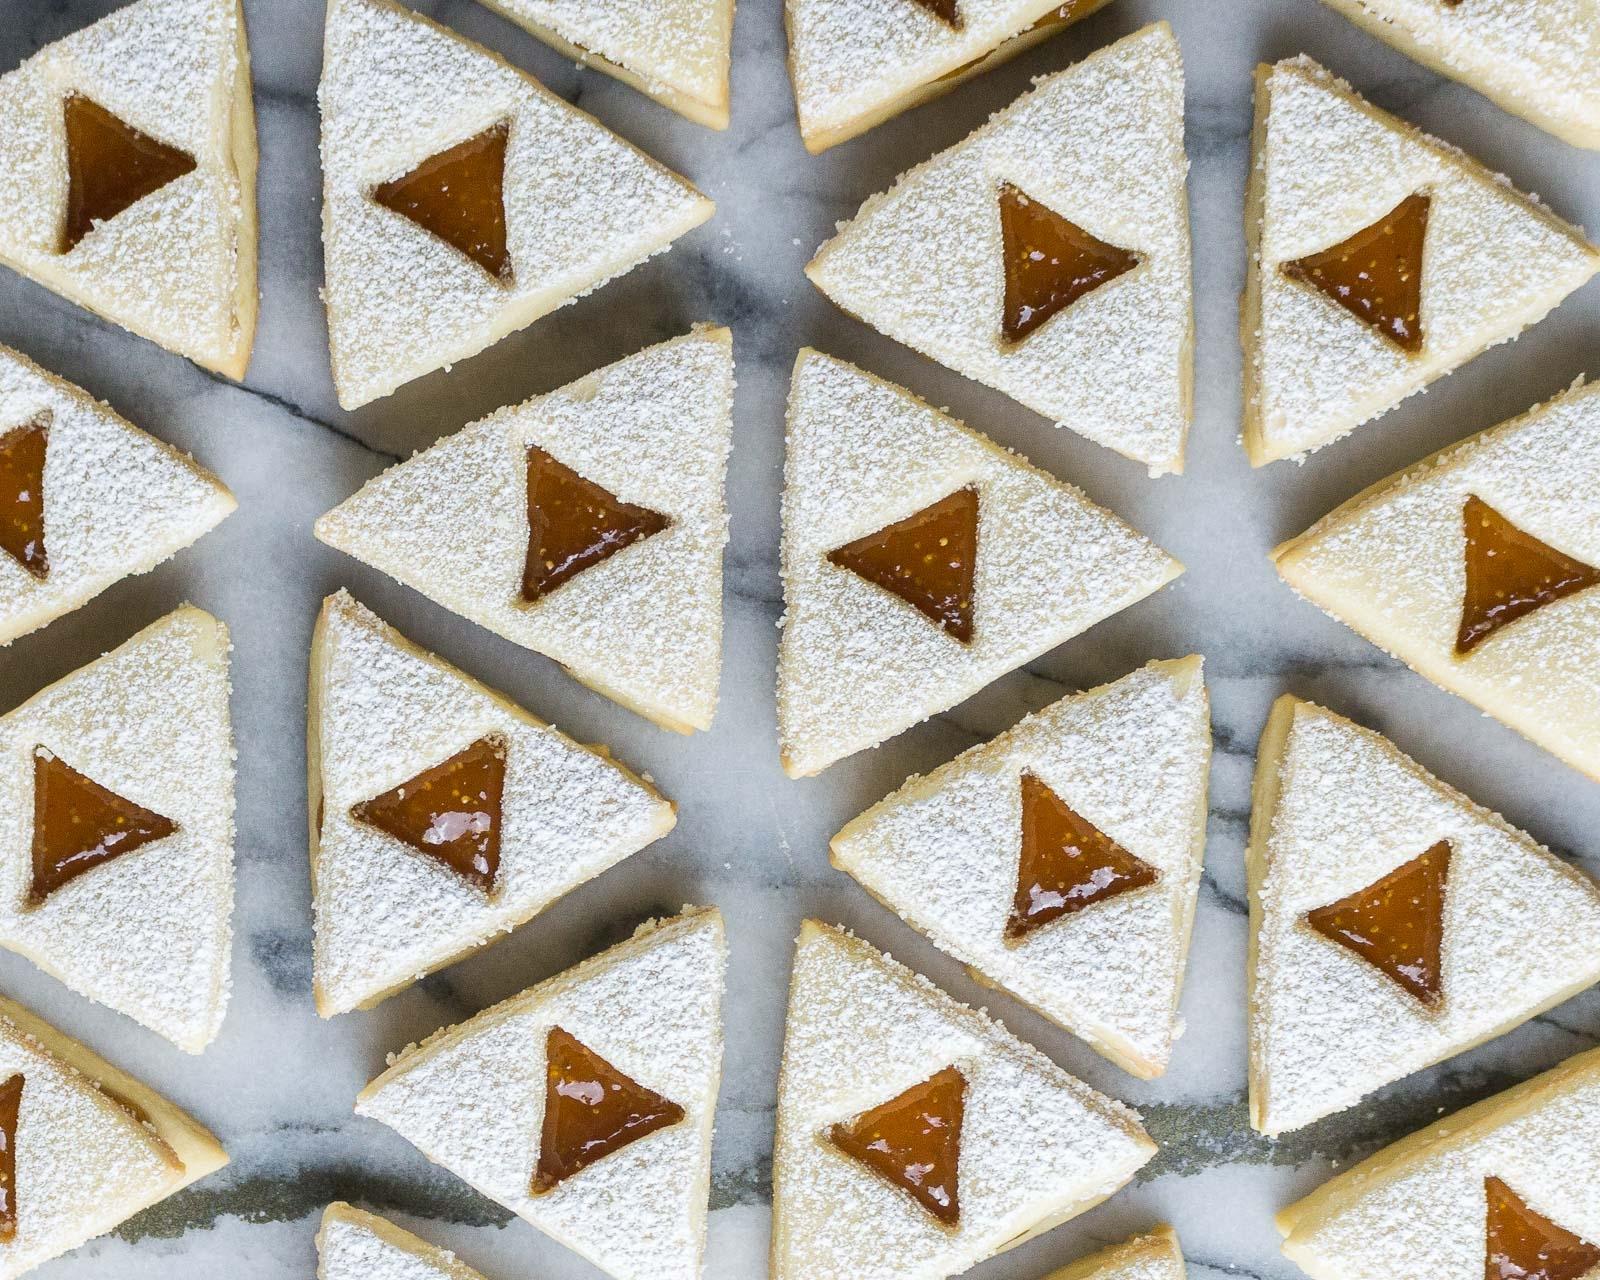 triforce-linzer-cookies-11.jpg